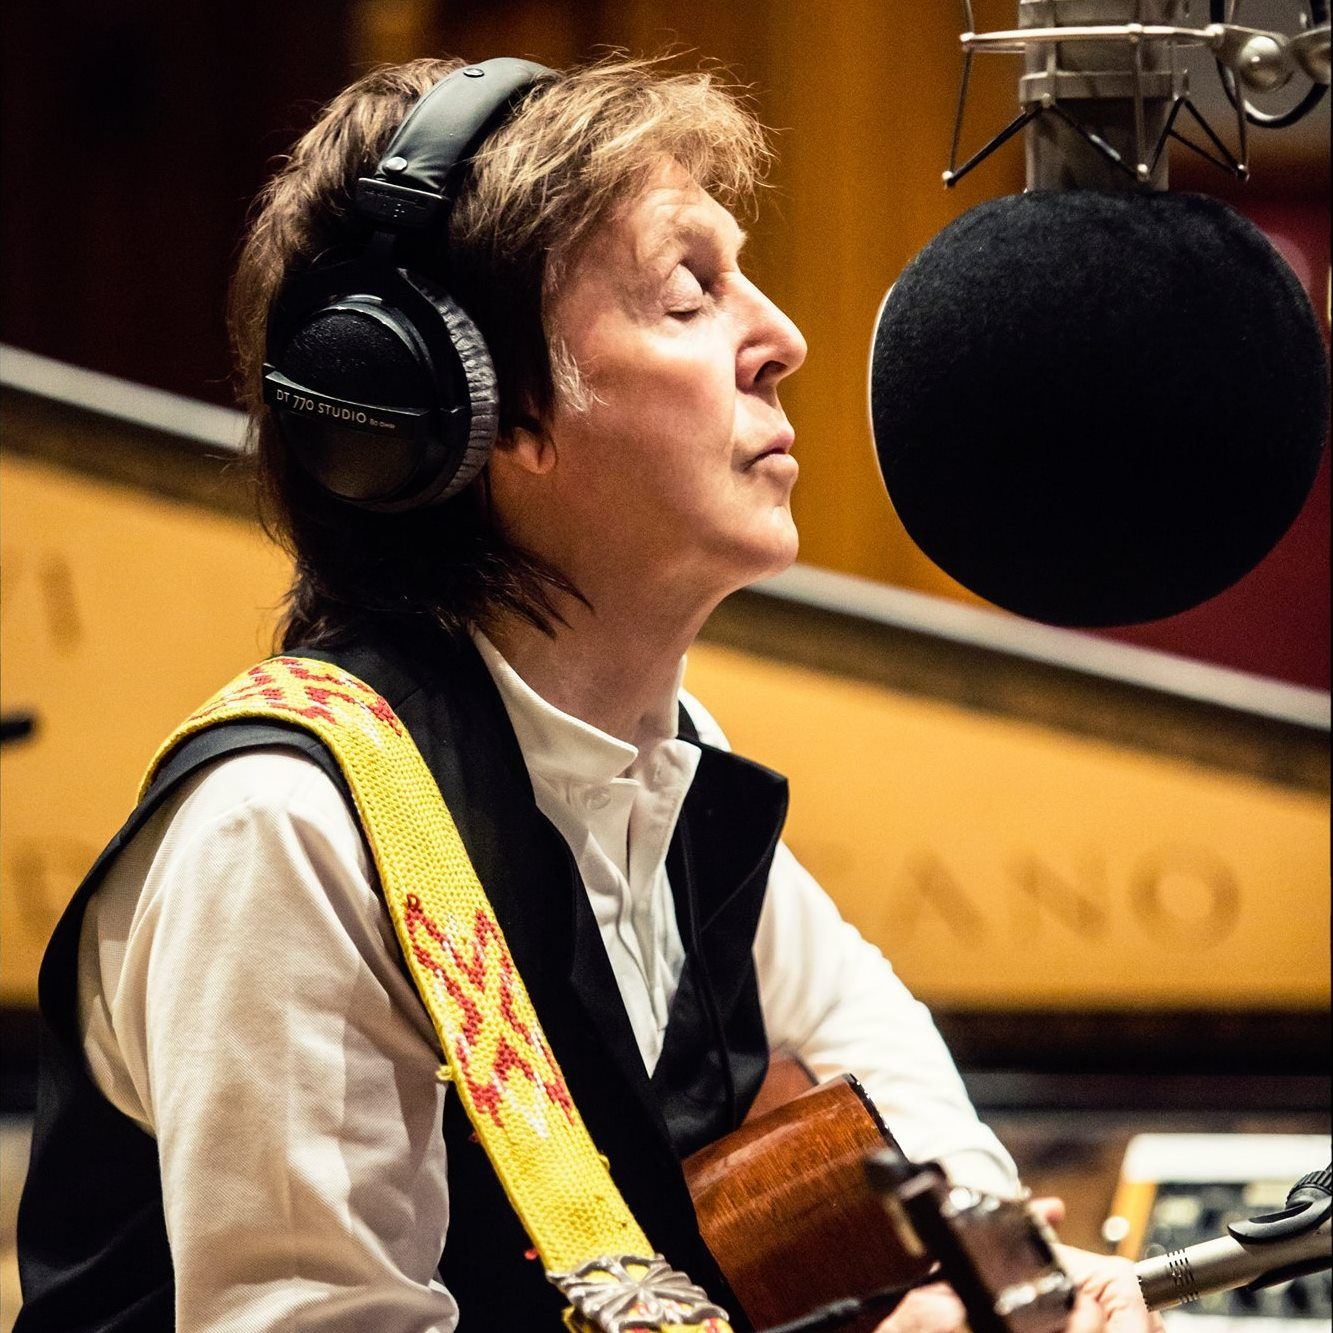 Konzert von Paul McCartney in Lucca